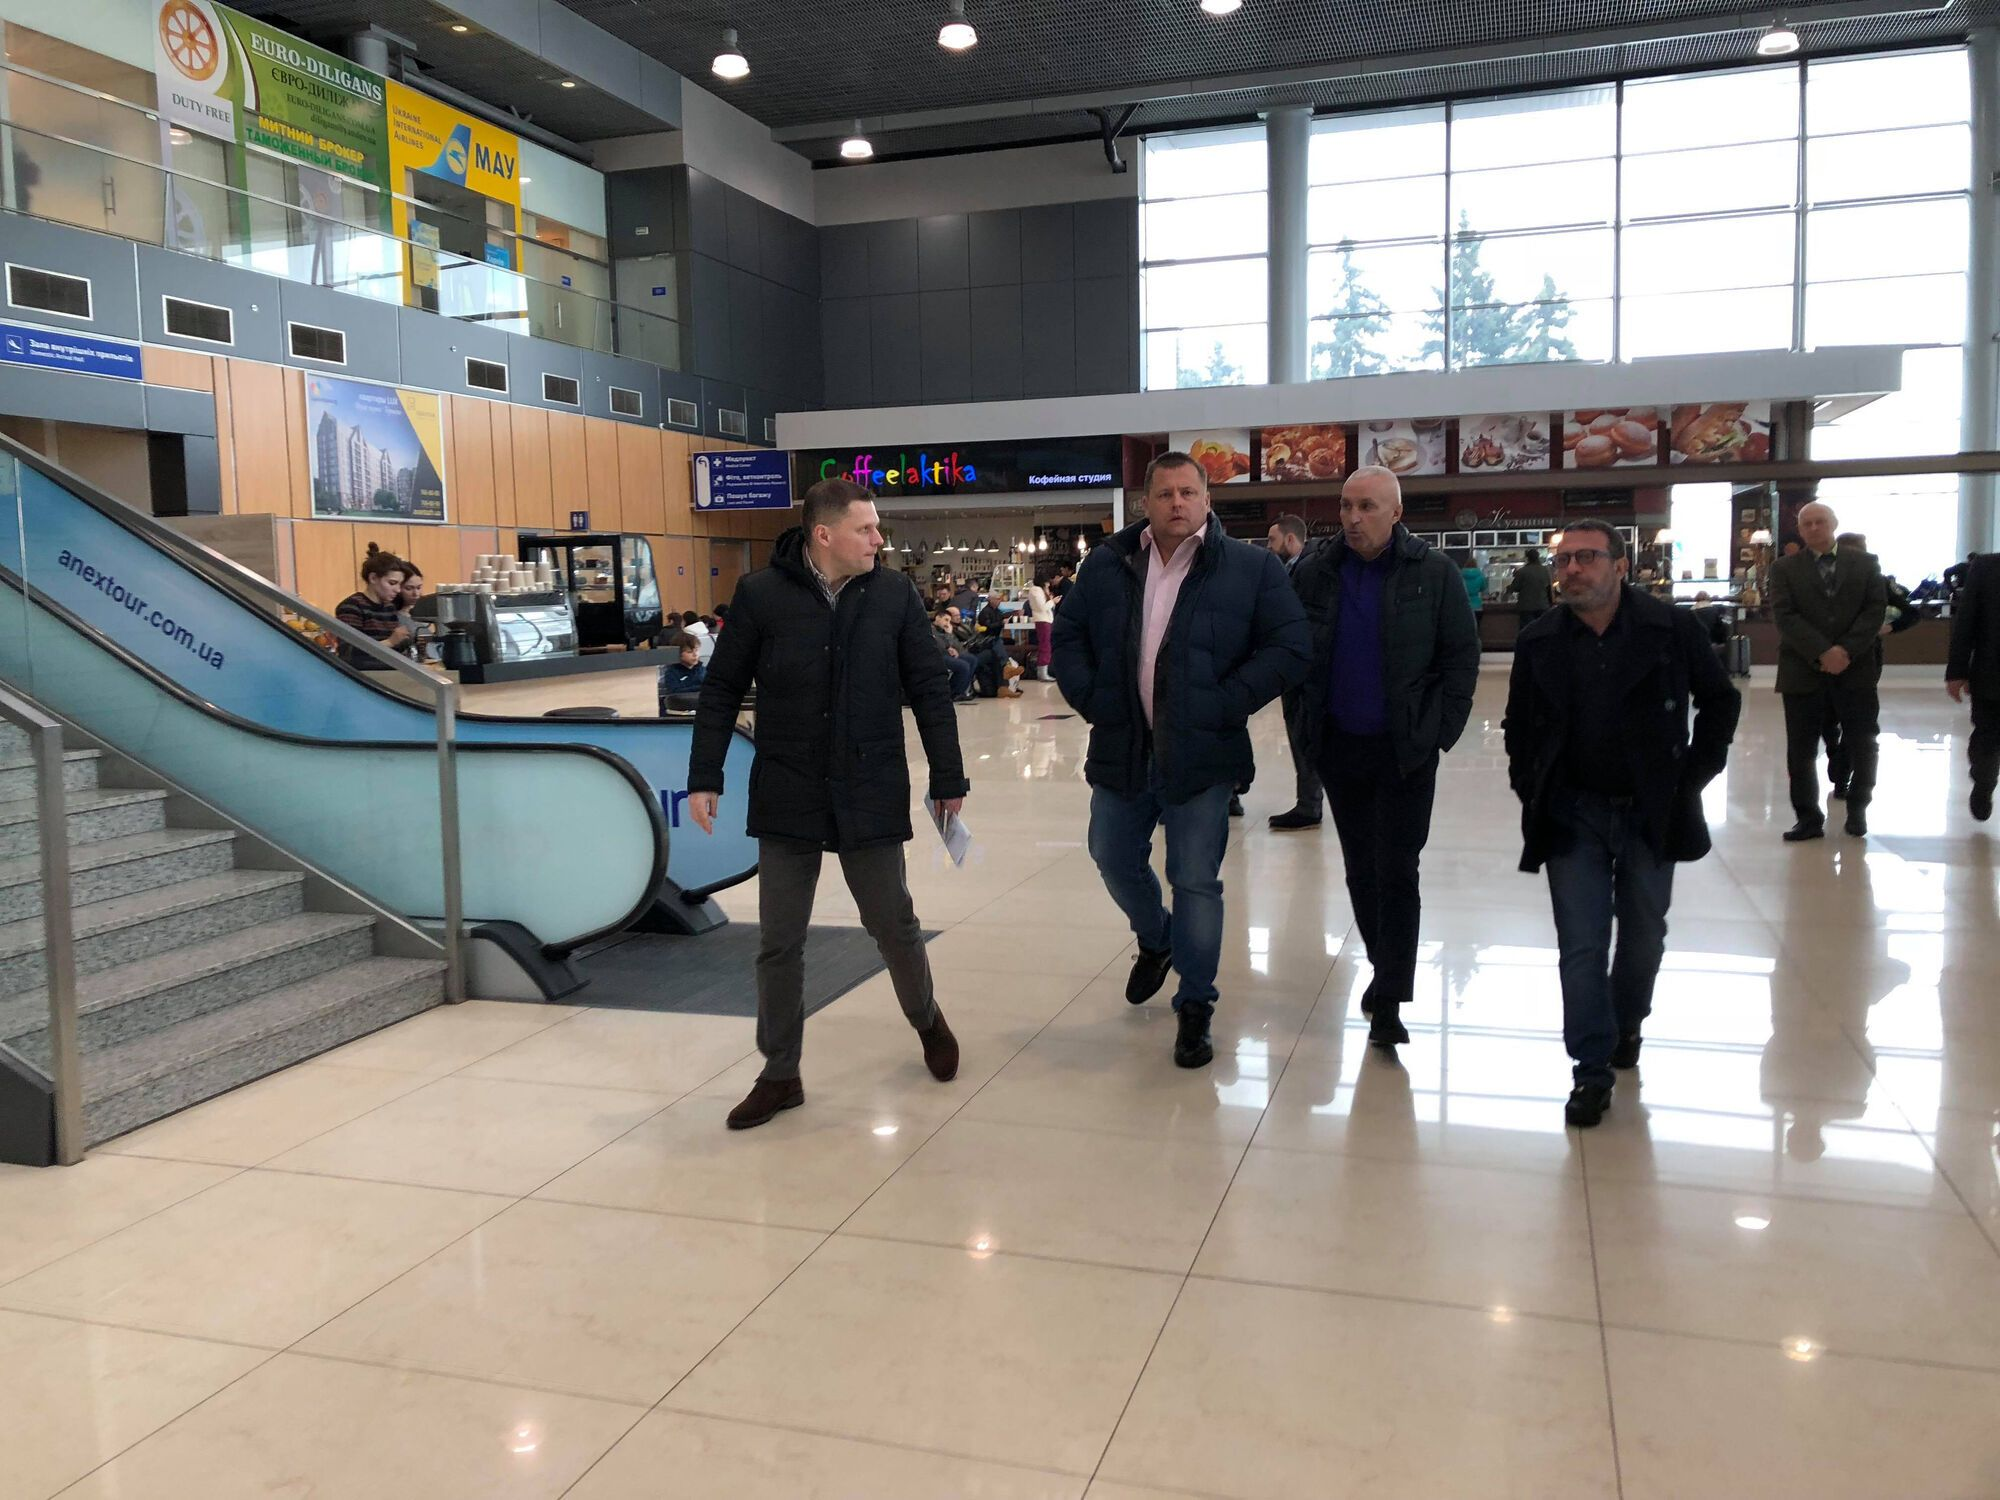 Філатов обговорив з Ярославським будівництво міжнародного аеропорту в Дніпрі